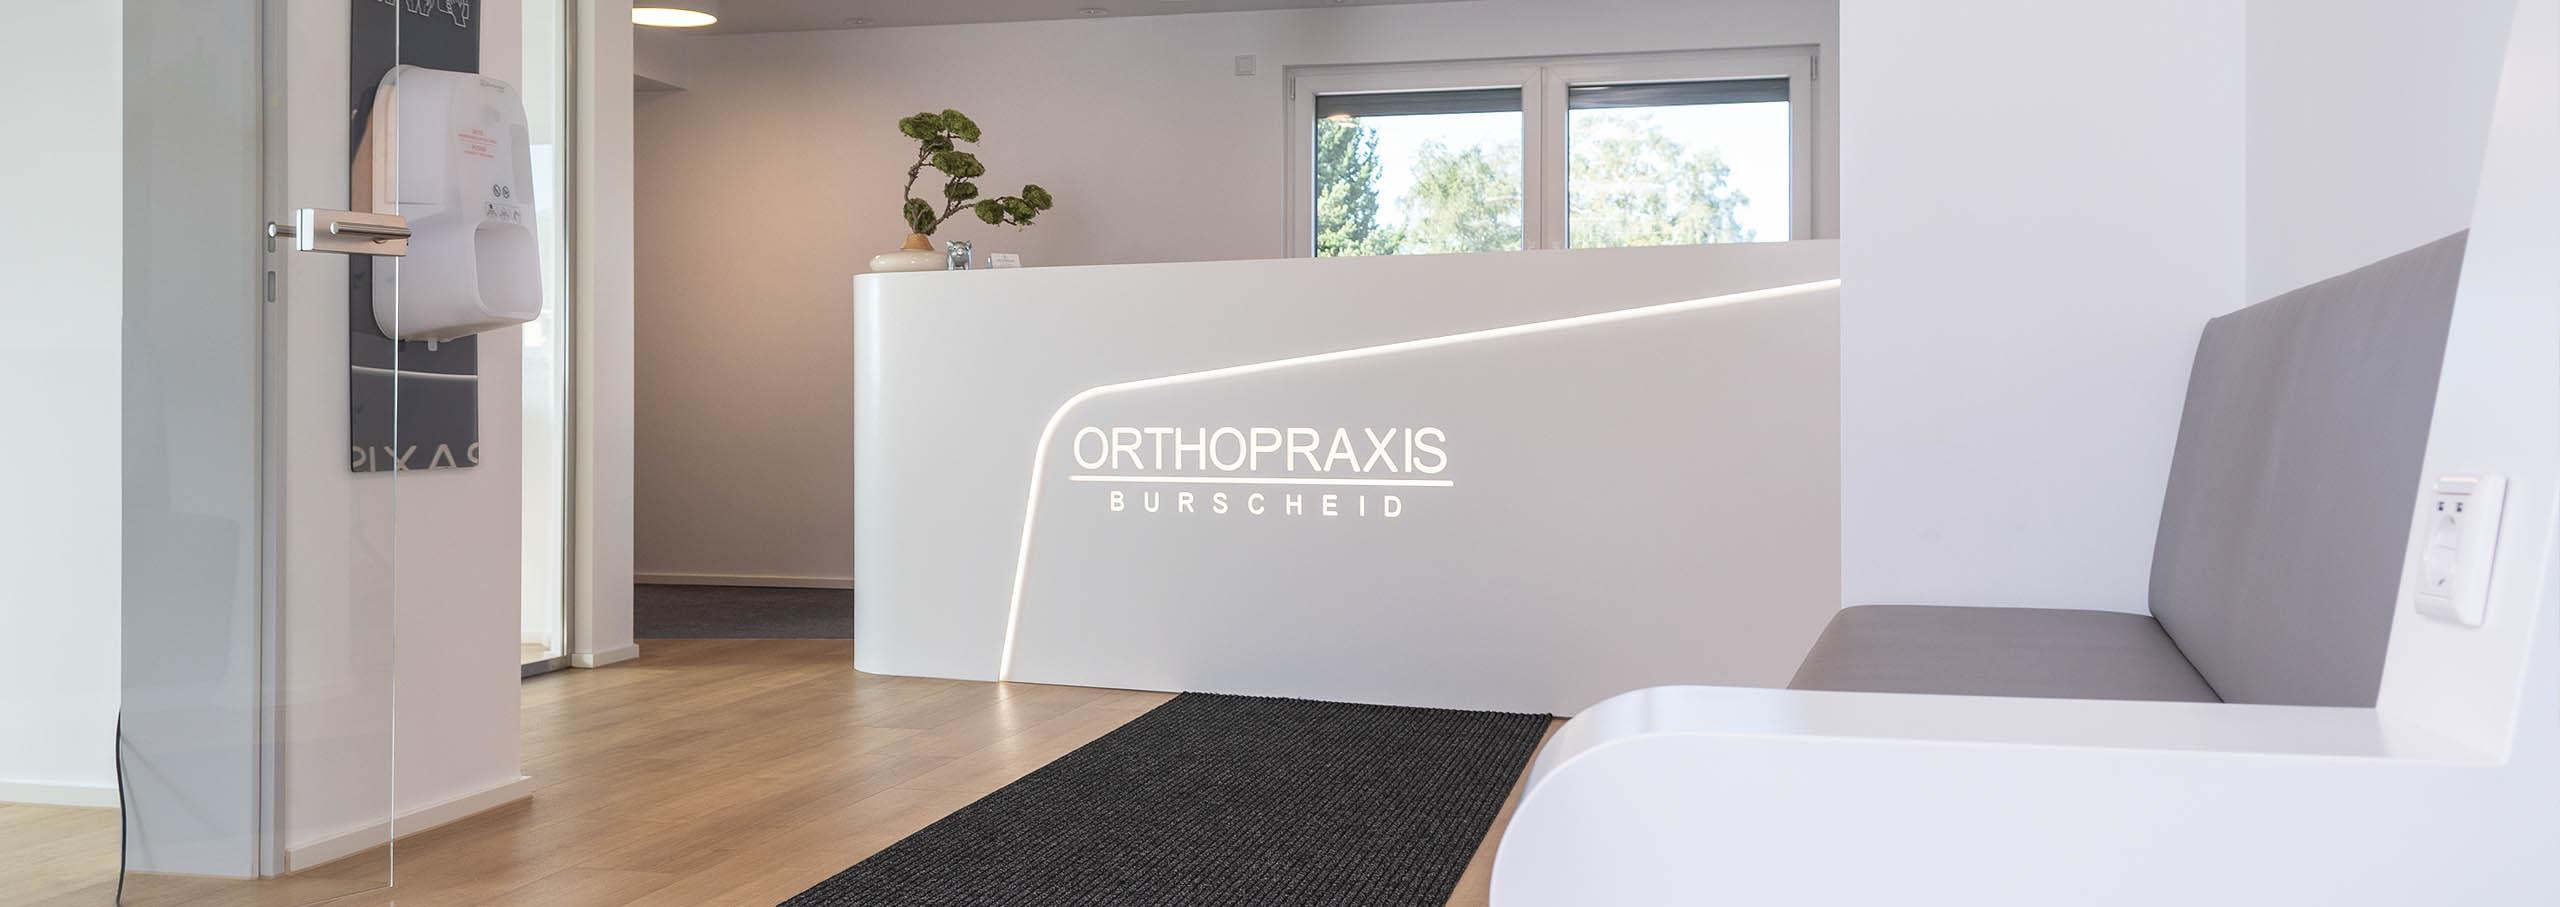 Orthopraxis Burscheid - Orthopäde, Unfallchirurg, Unfallmedizin ...